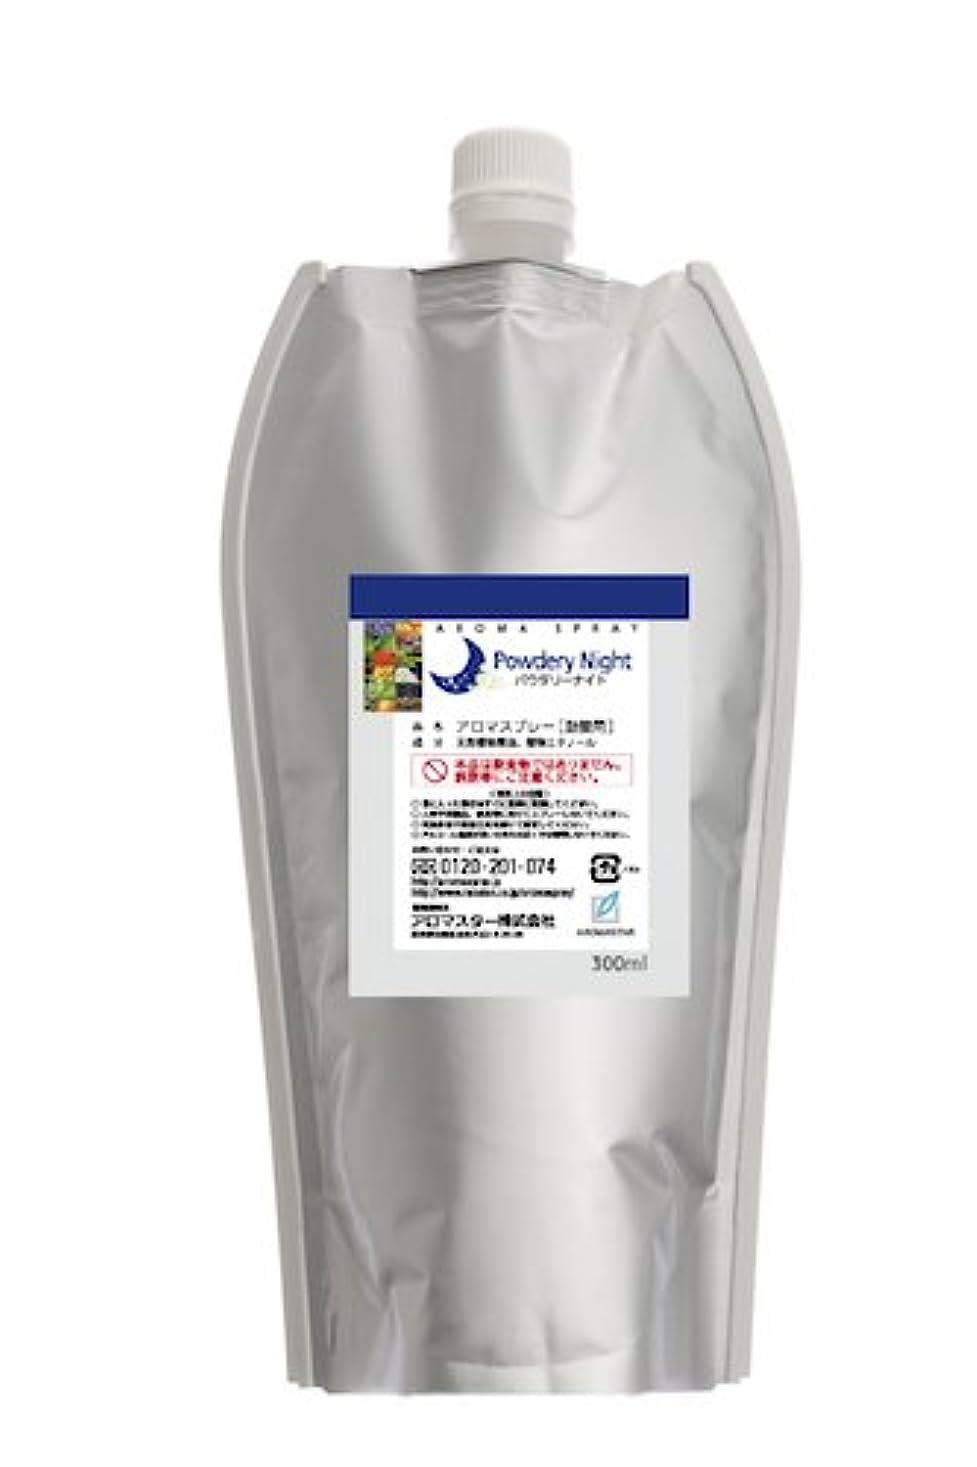 雹地区ピンAROMASTAR(アロマスター) アロマスプレー パウダリーナイト 300ml詰替用(エコパック)